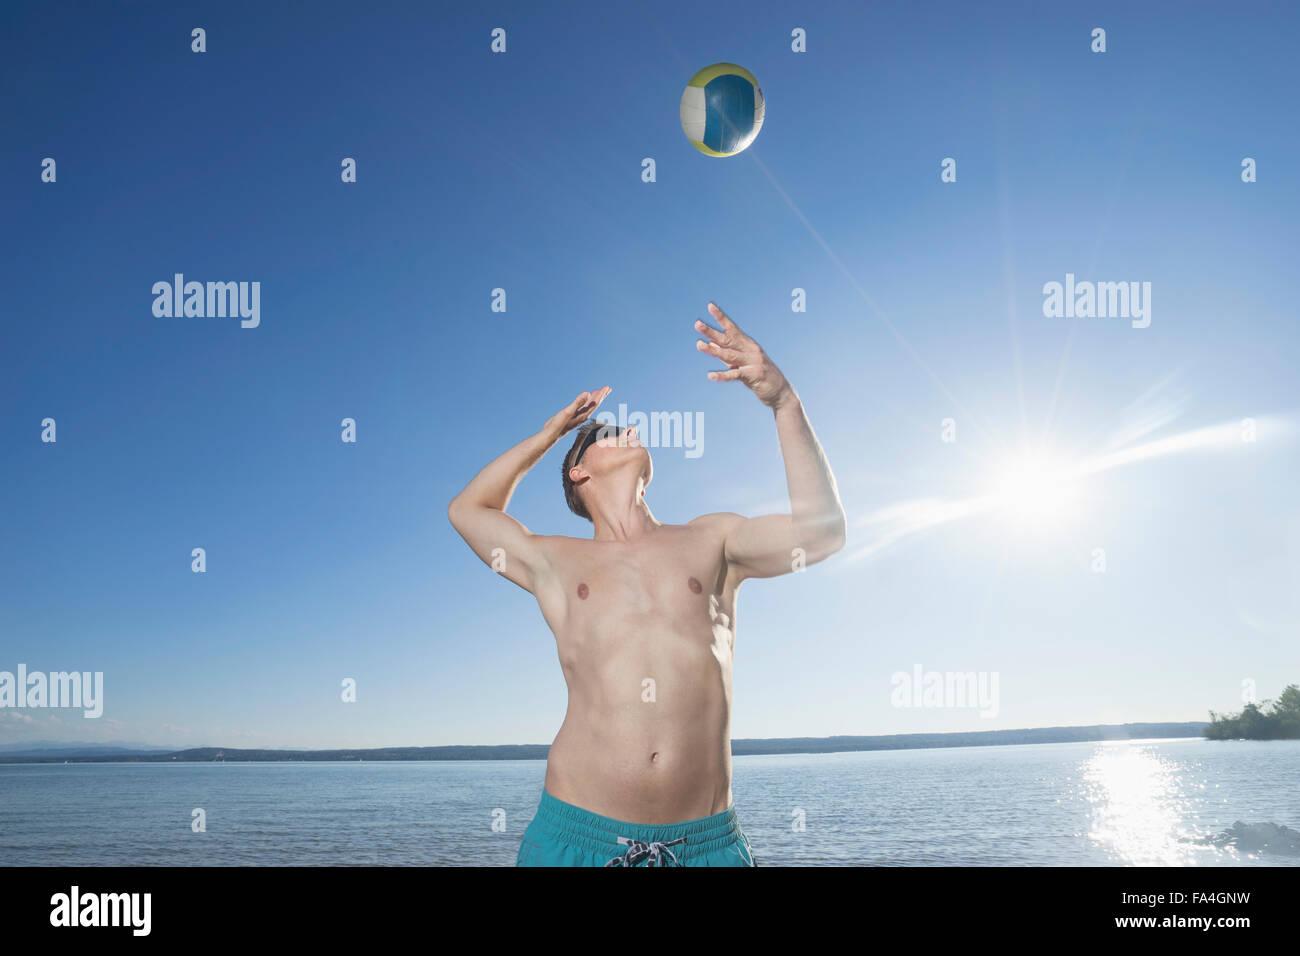 Uomo maturo giocando a pallavolo sul lago, Baviera, Germania Immagini Stock